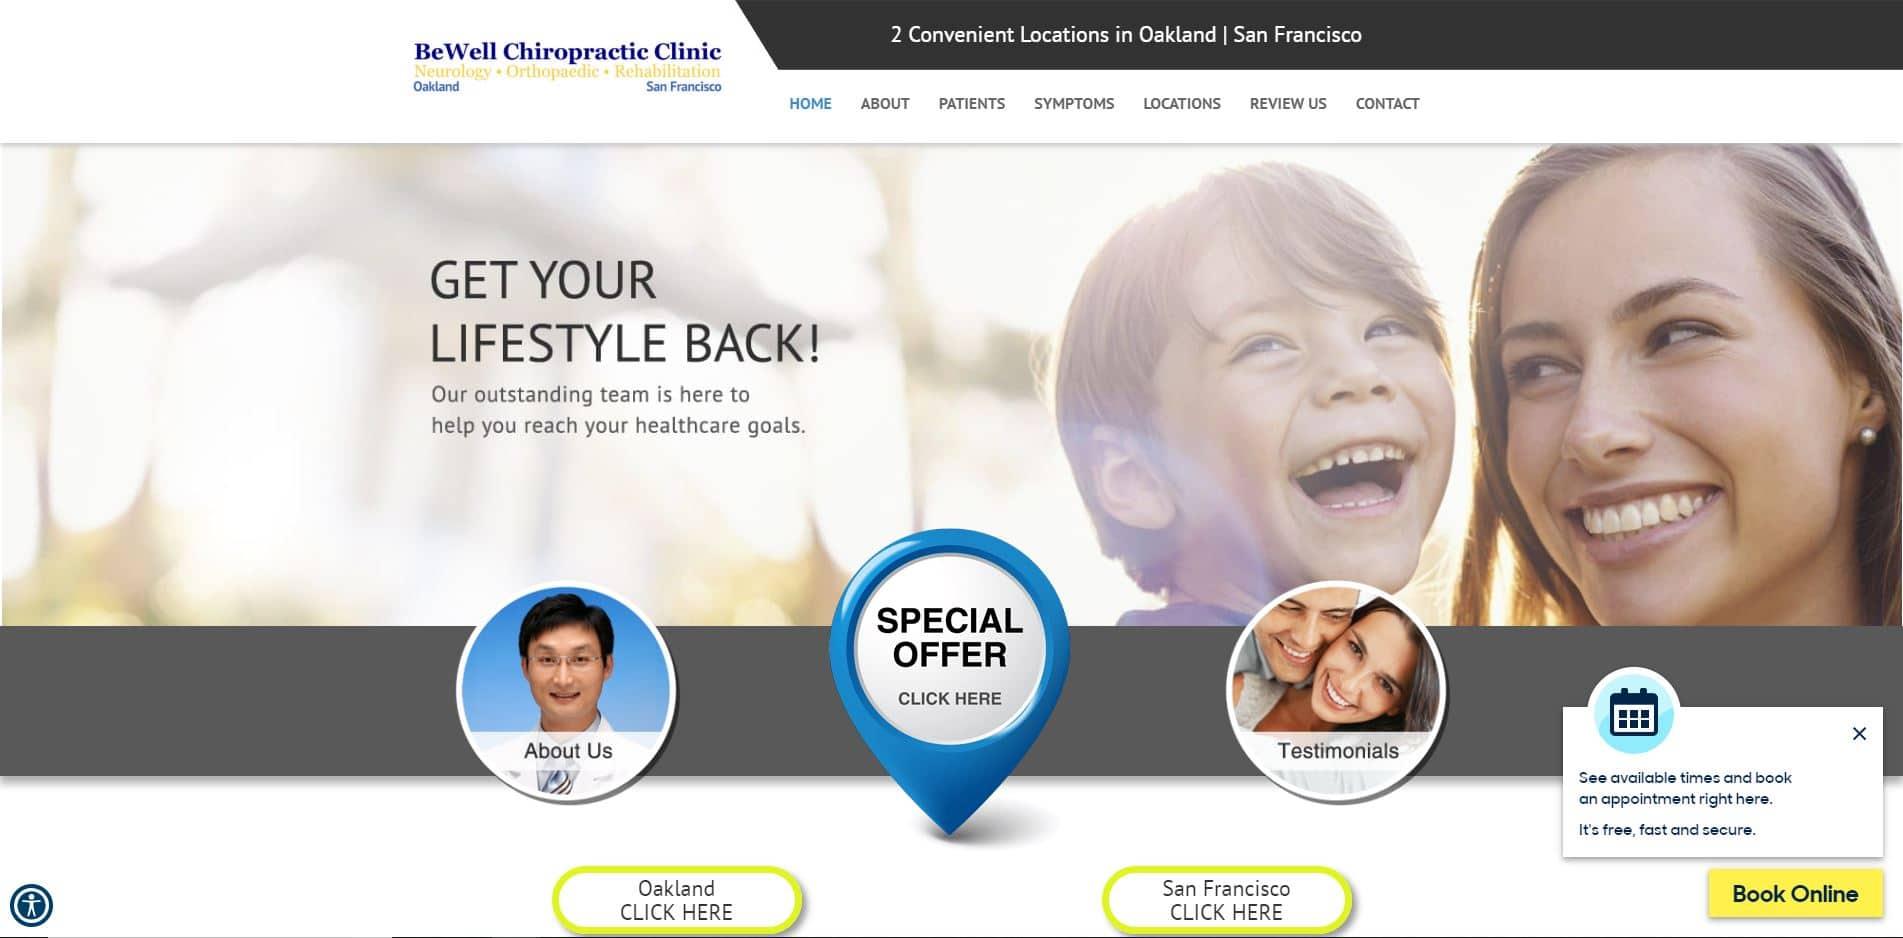 Chiropractor in Oakland